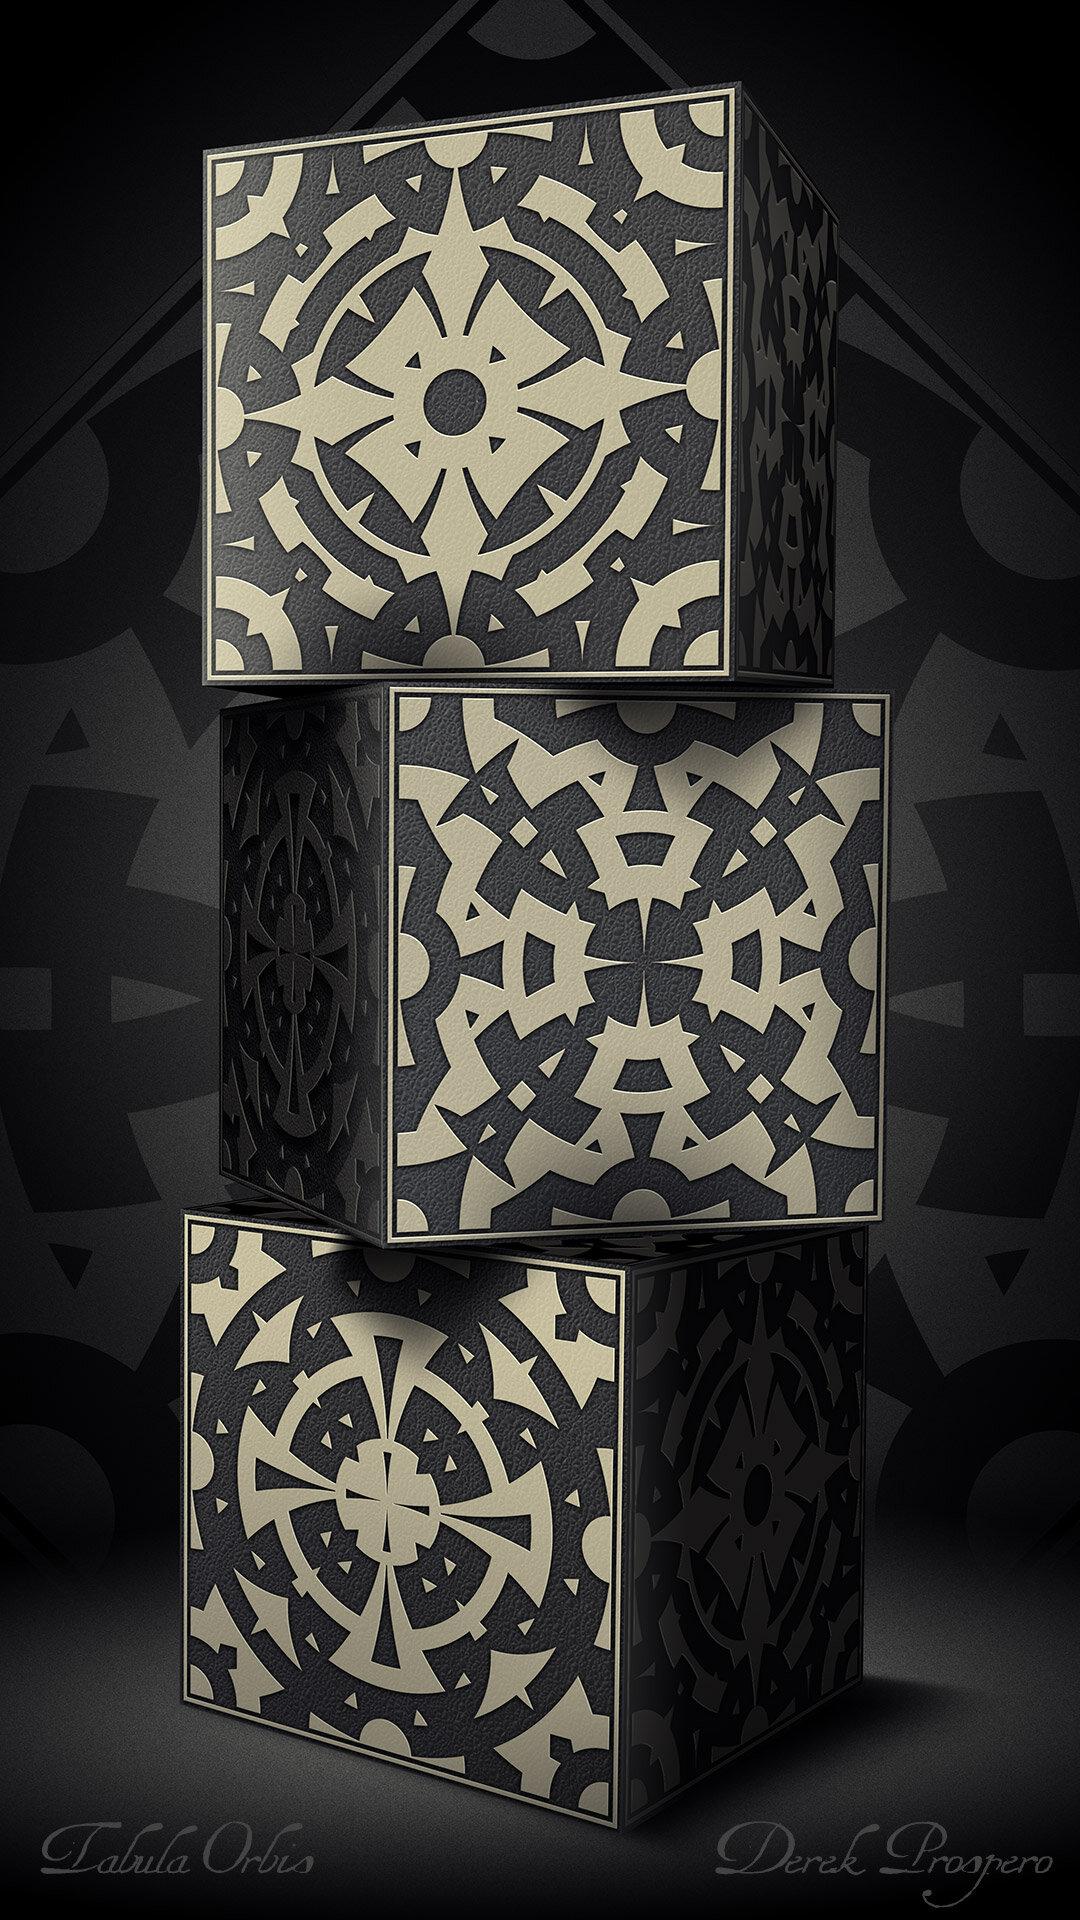 cube-tabula-2.jpg